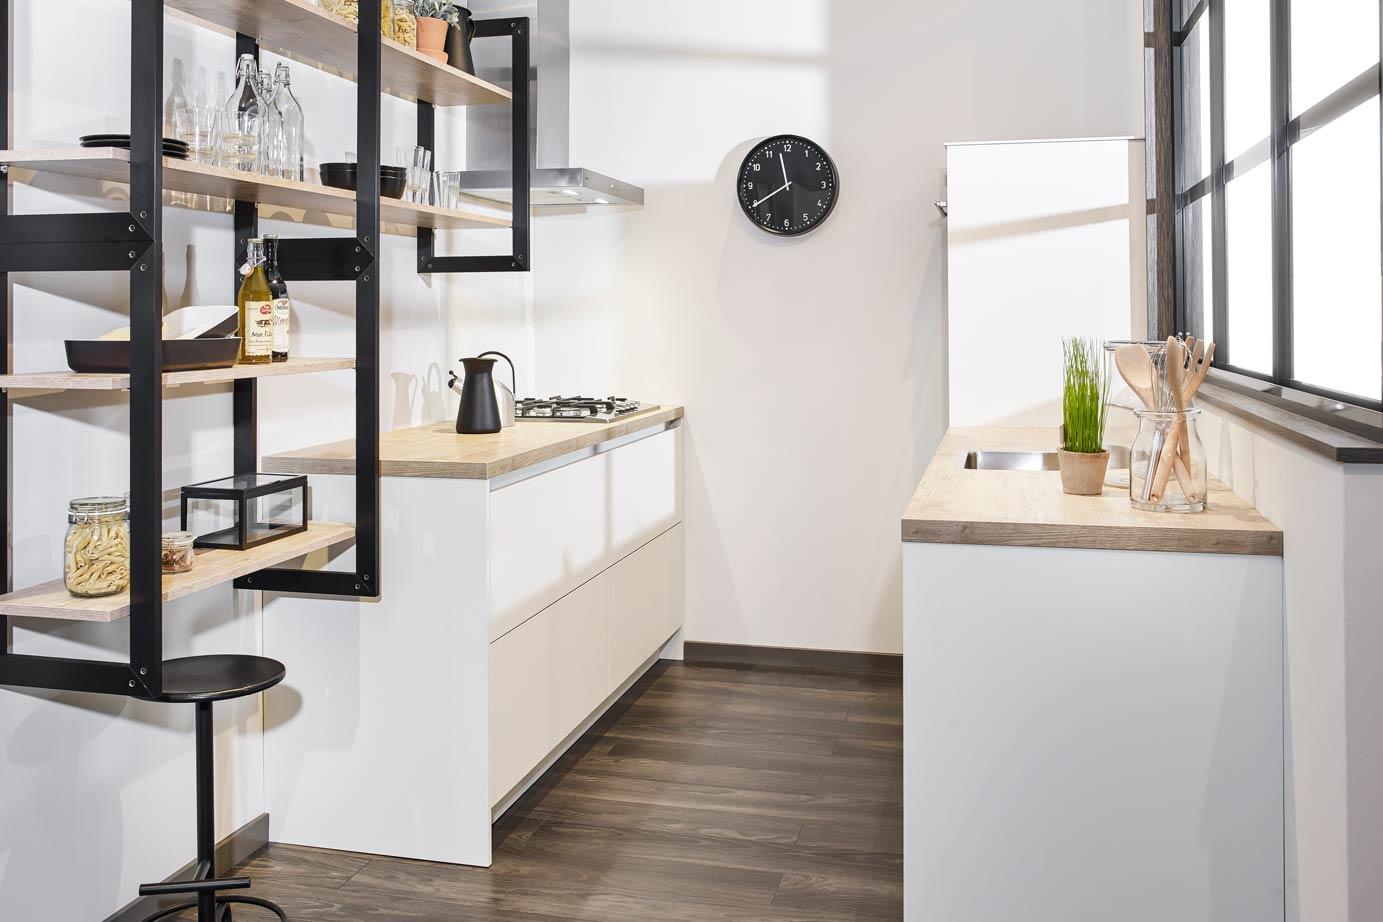 Kookeiland Kleine Keuken : Kleine keuken laat je inspireren door voorbeelden db keukens